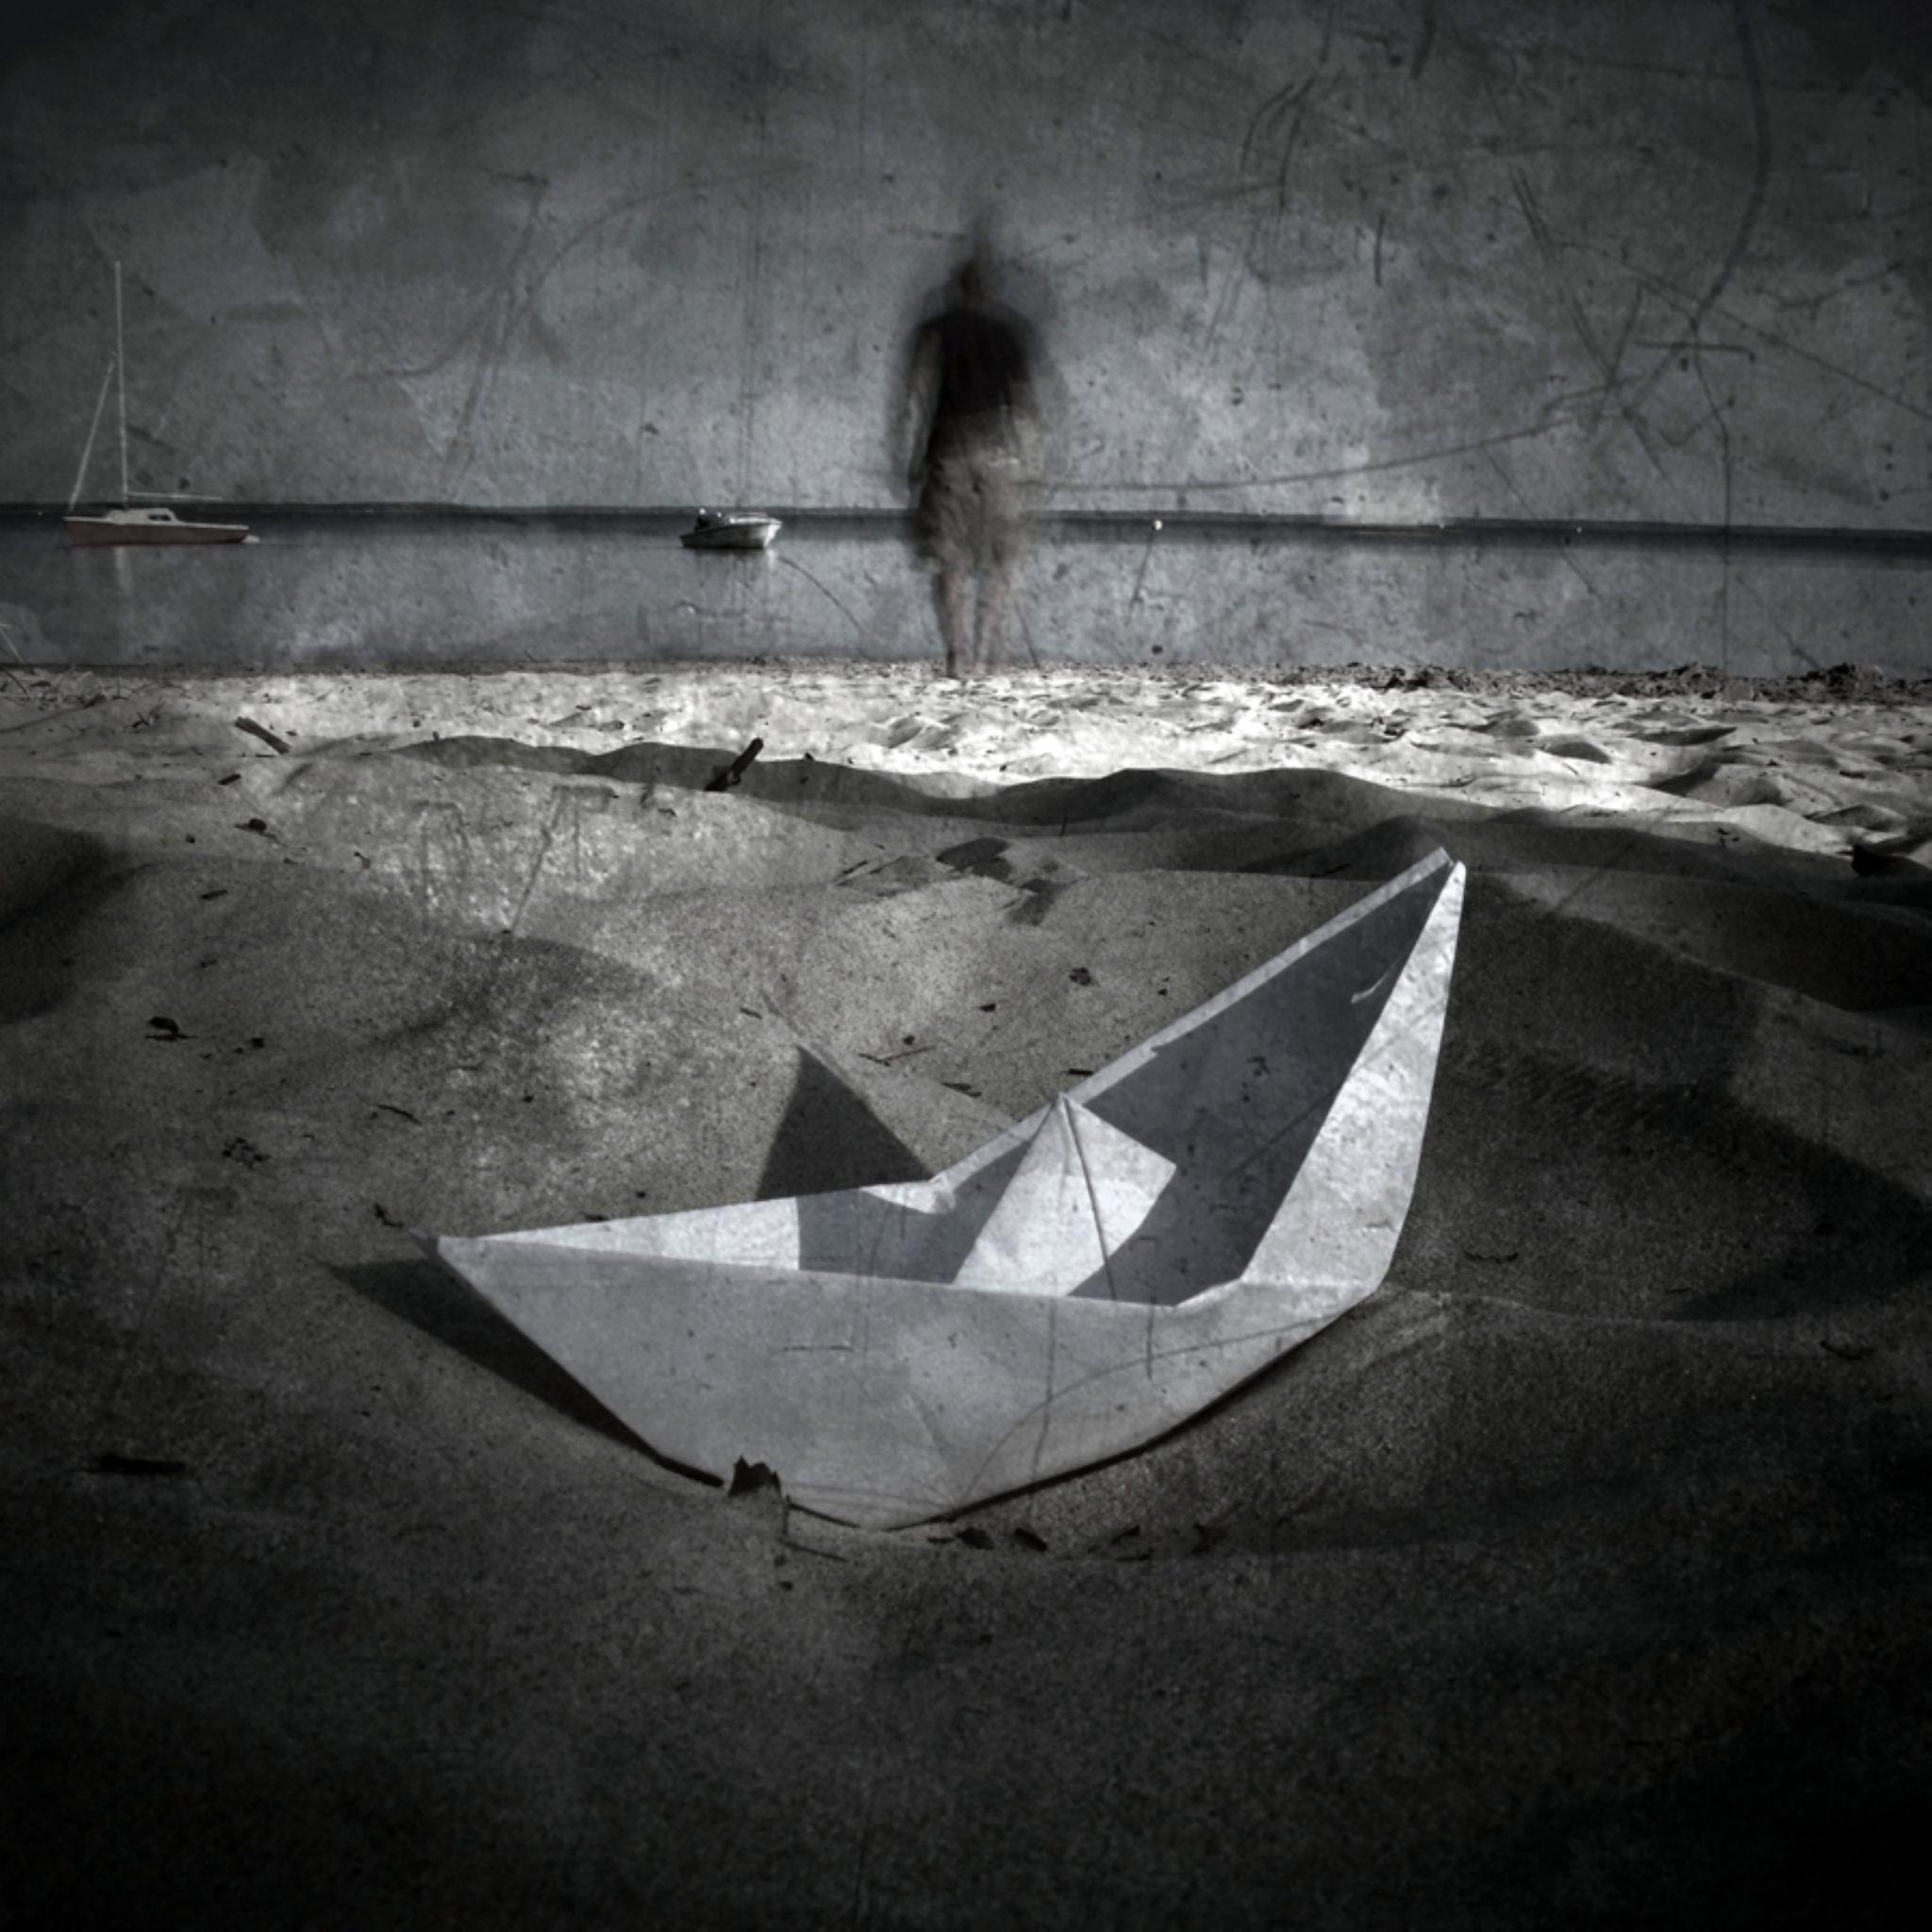 éjouet by Stephane Anthonioz